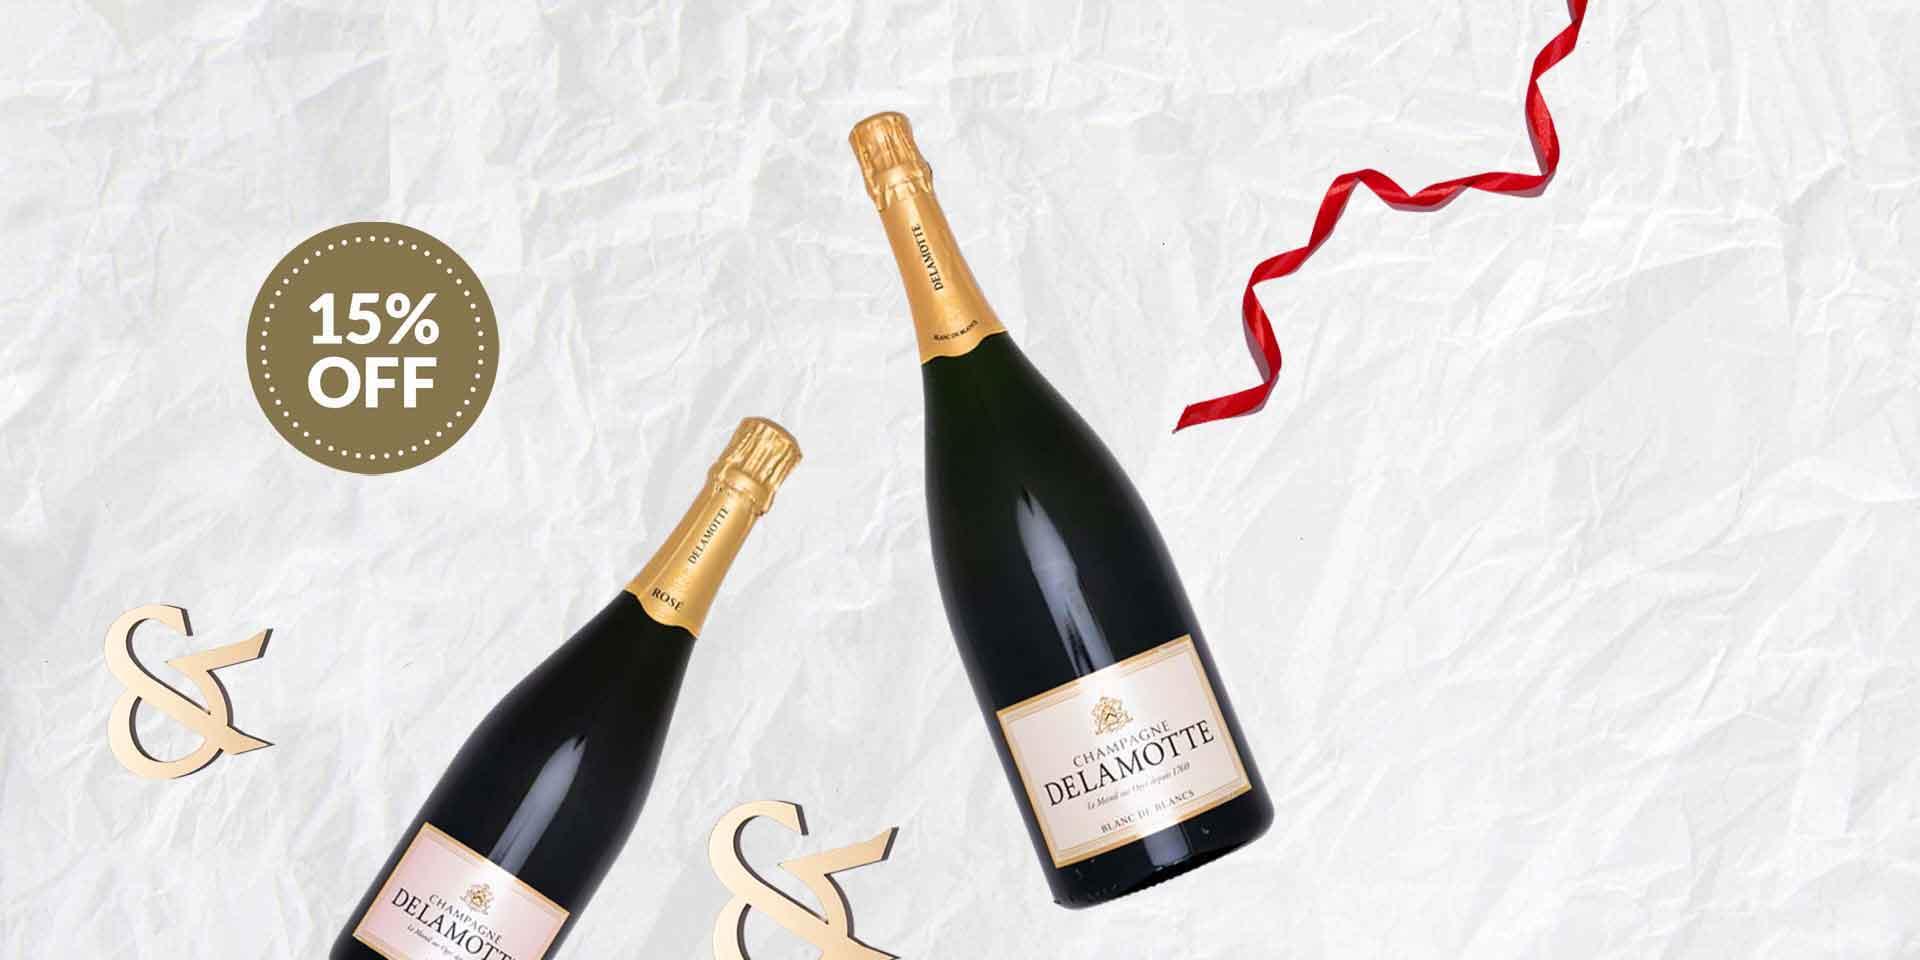 Champagne Delamotte Offer